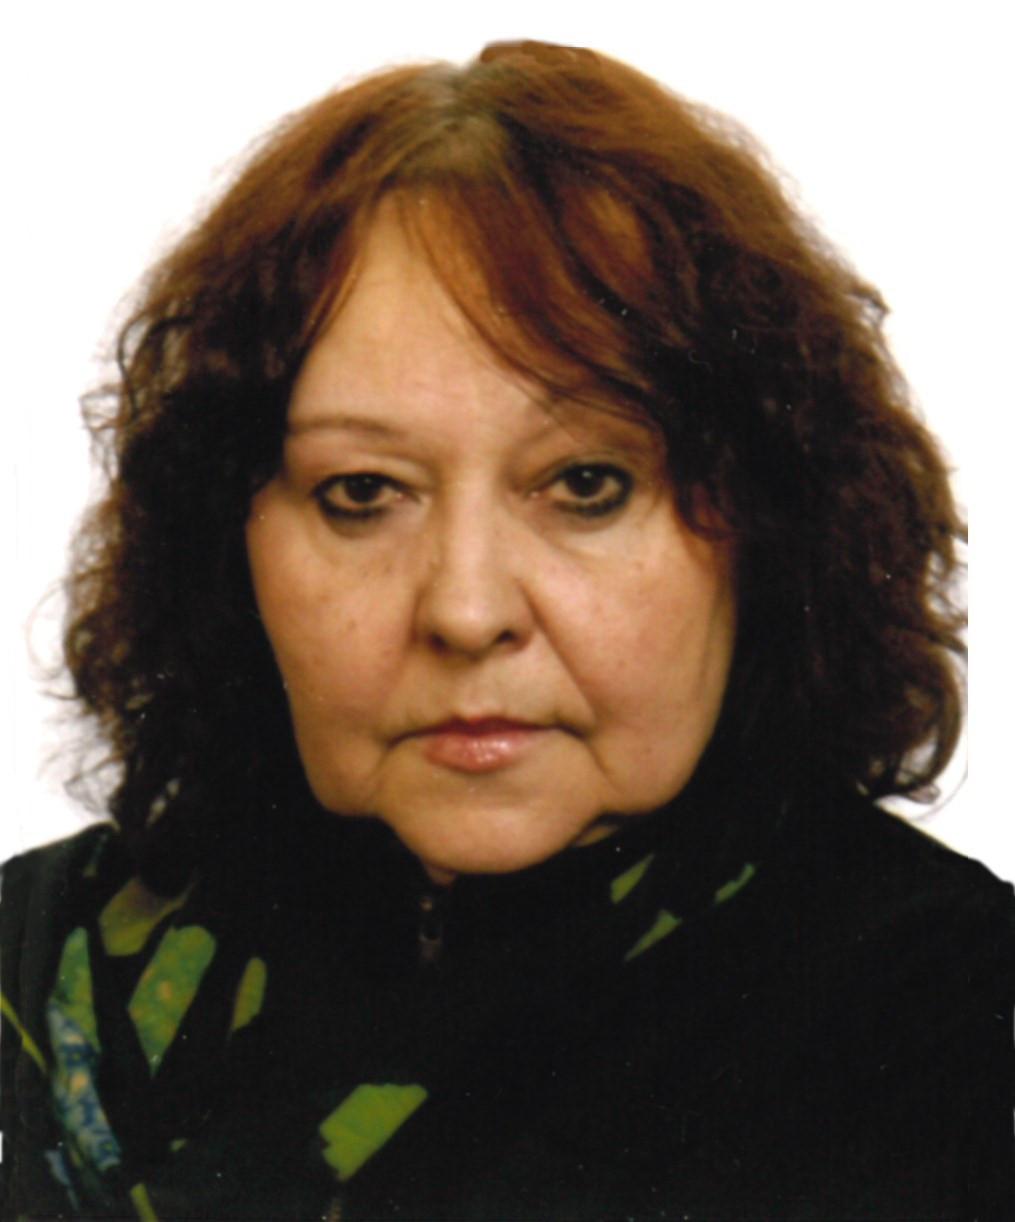 Emanuela Zucco in Toppano